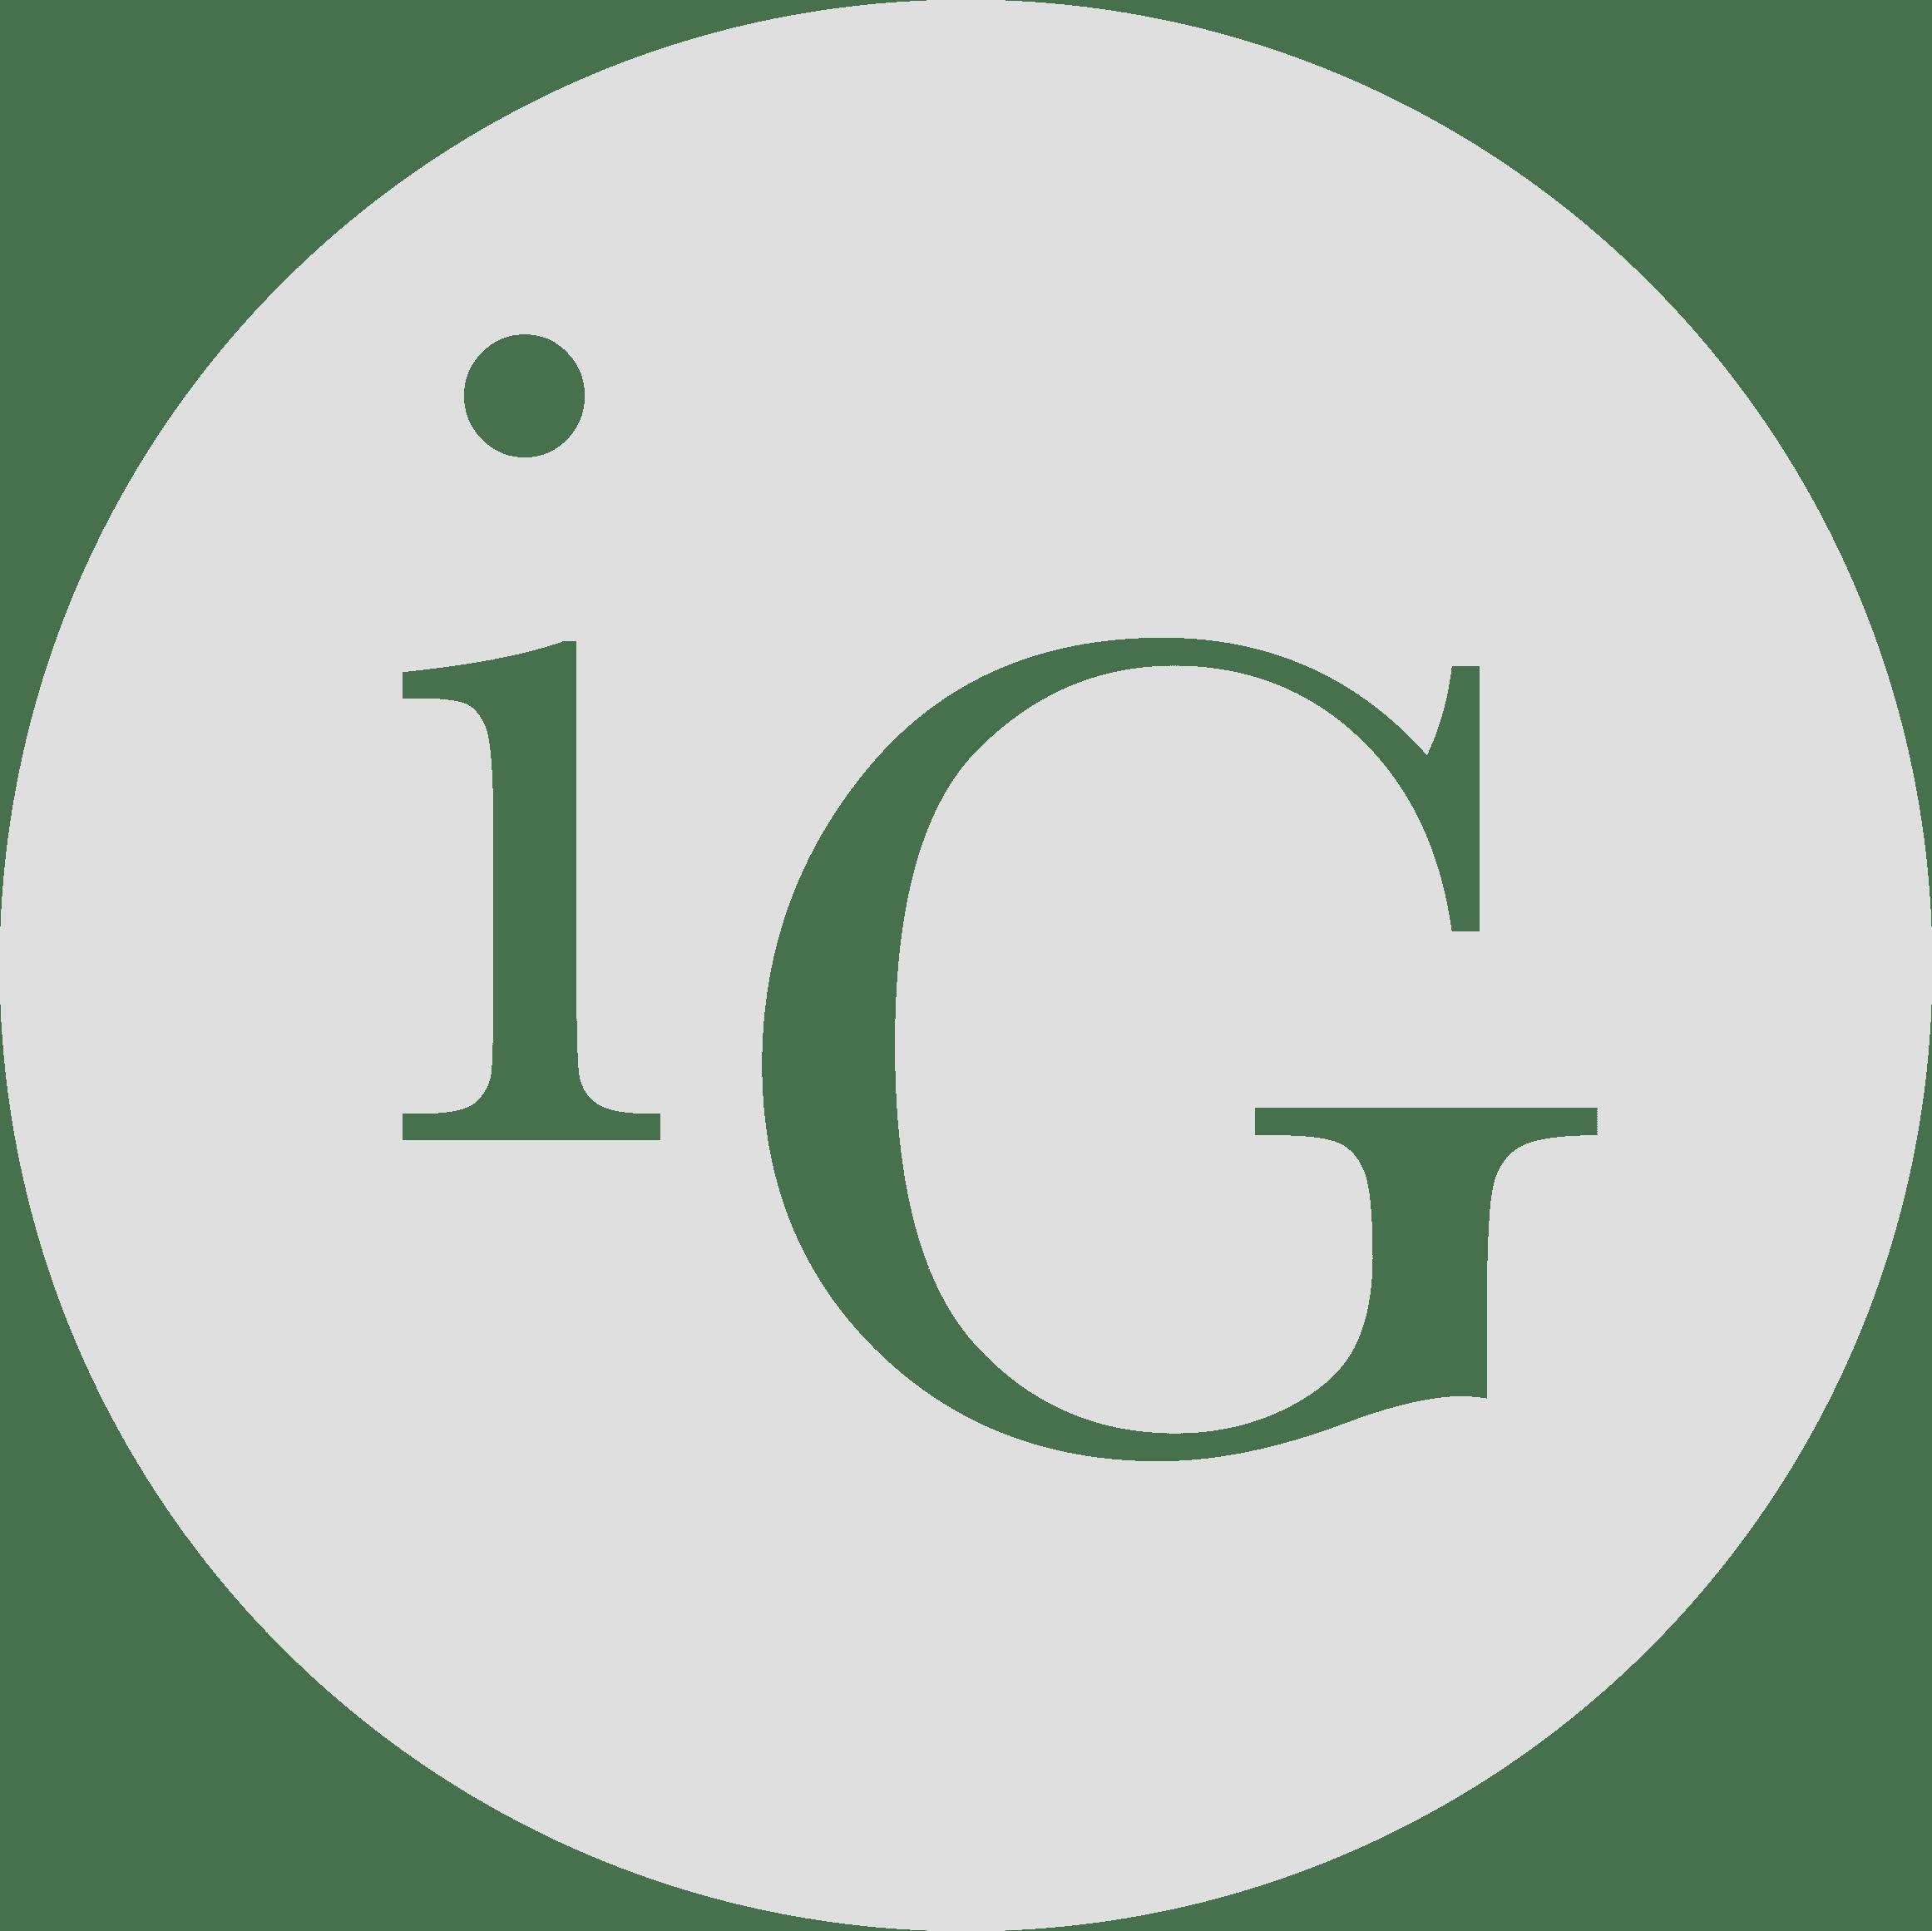 iGlow(Circle)